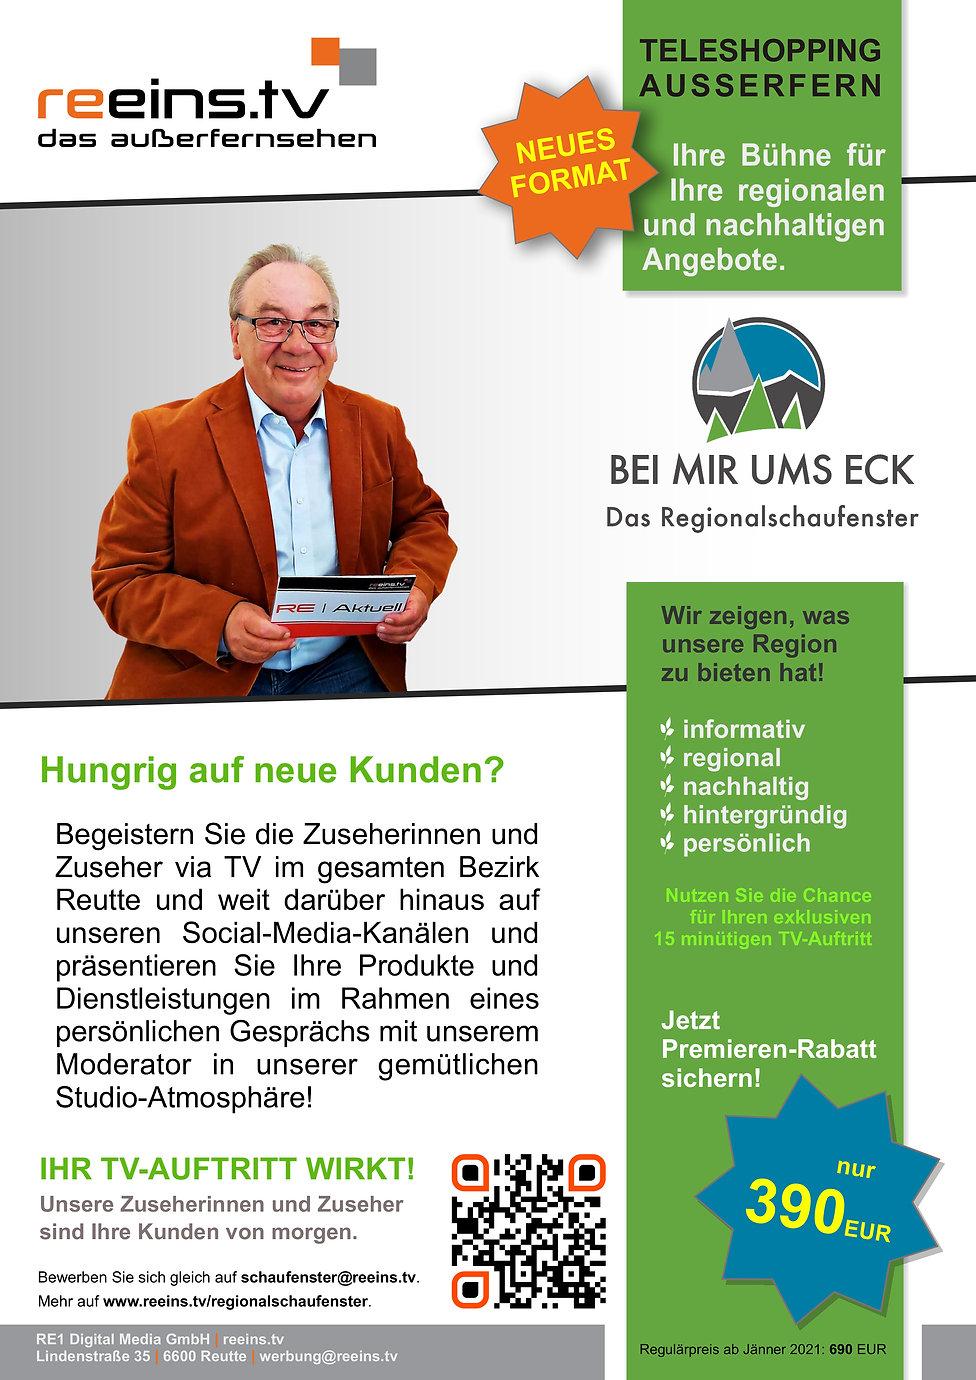 regionalschaufenster_flyer_102020.jpg